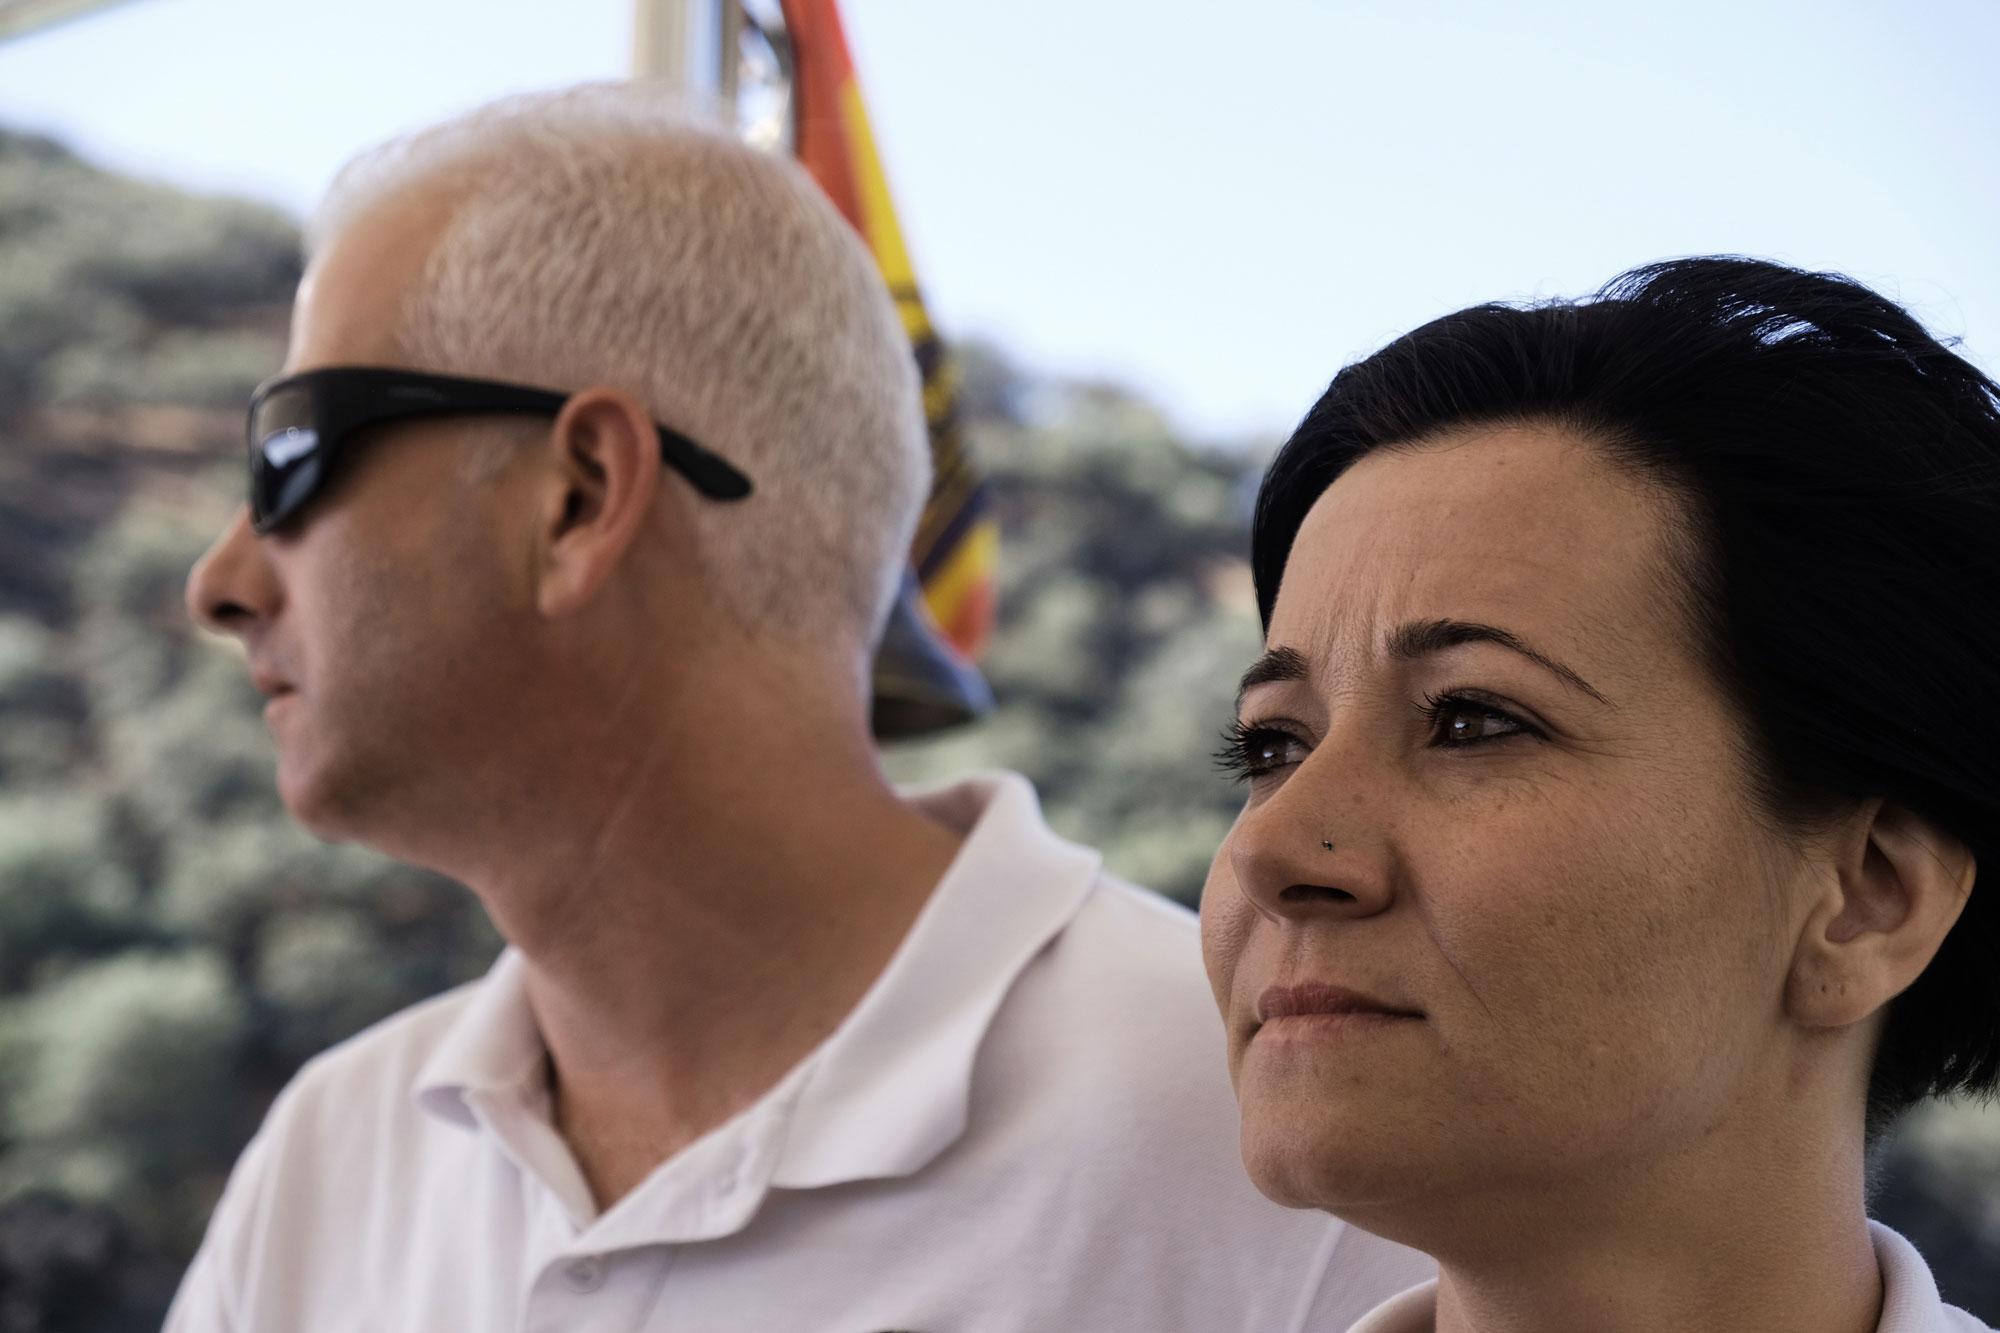 La tripulación, compuesta por David Pintando y Mónica Mielgo, se encarga de que todos se diviertan.